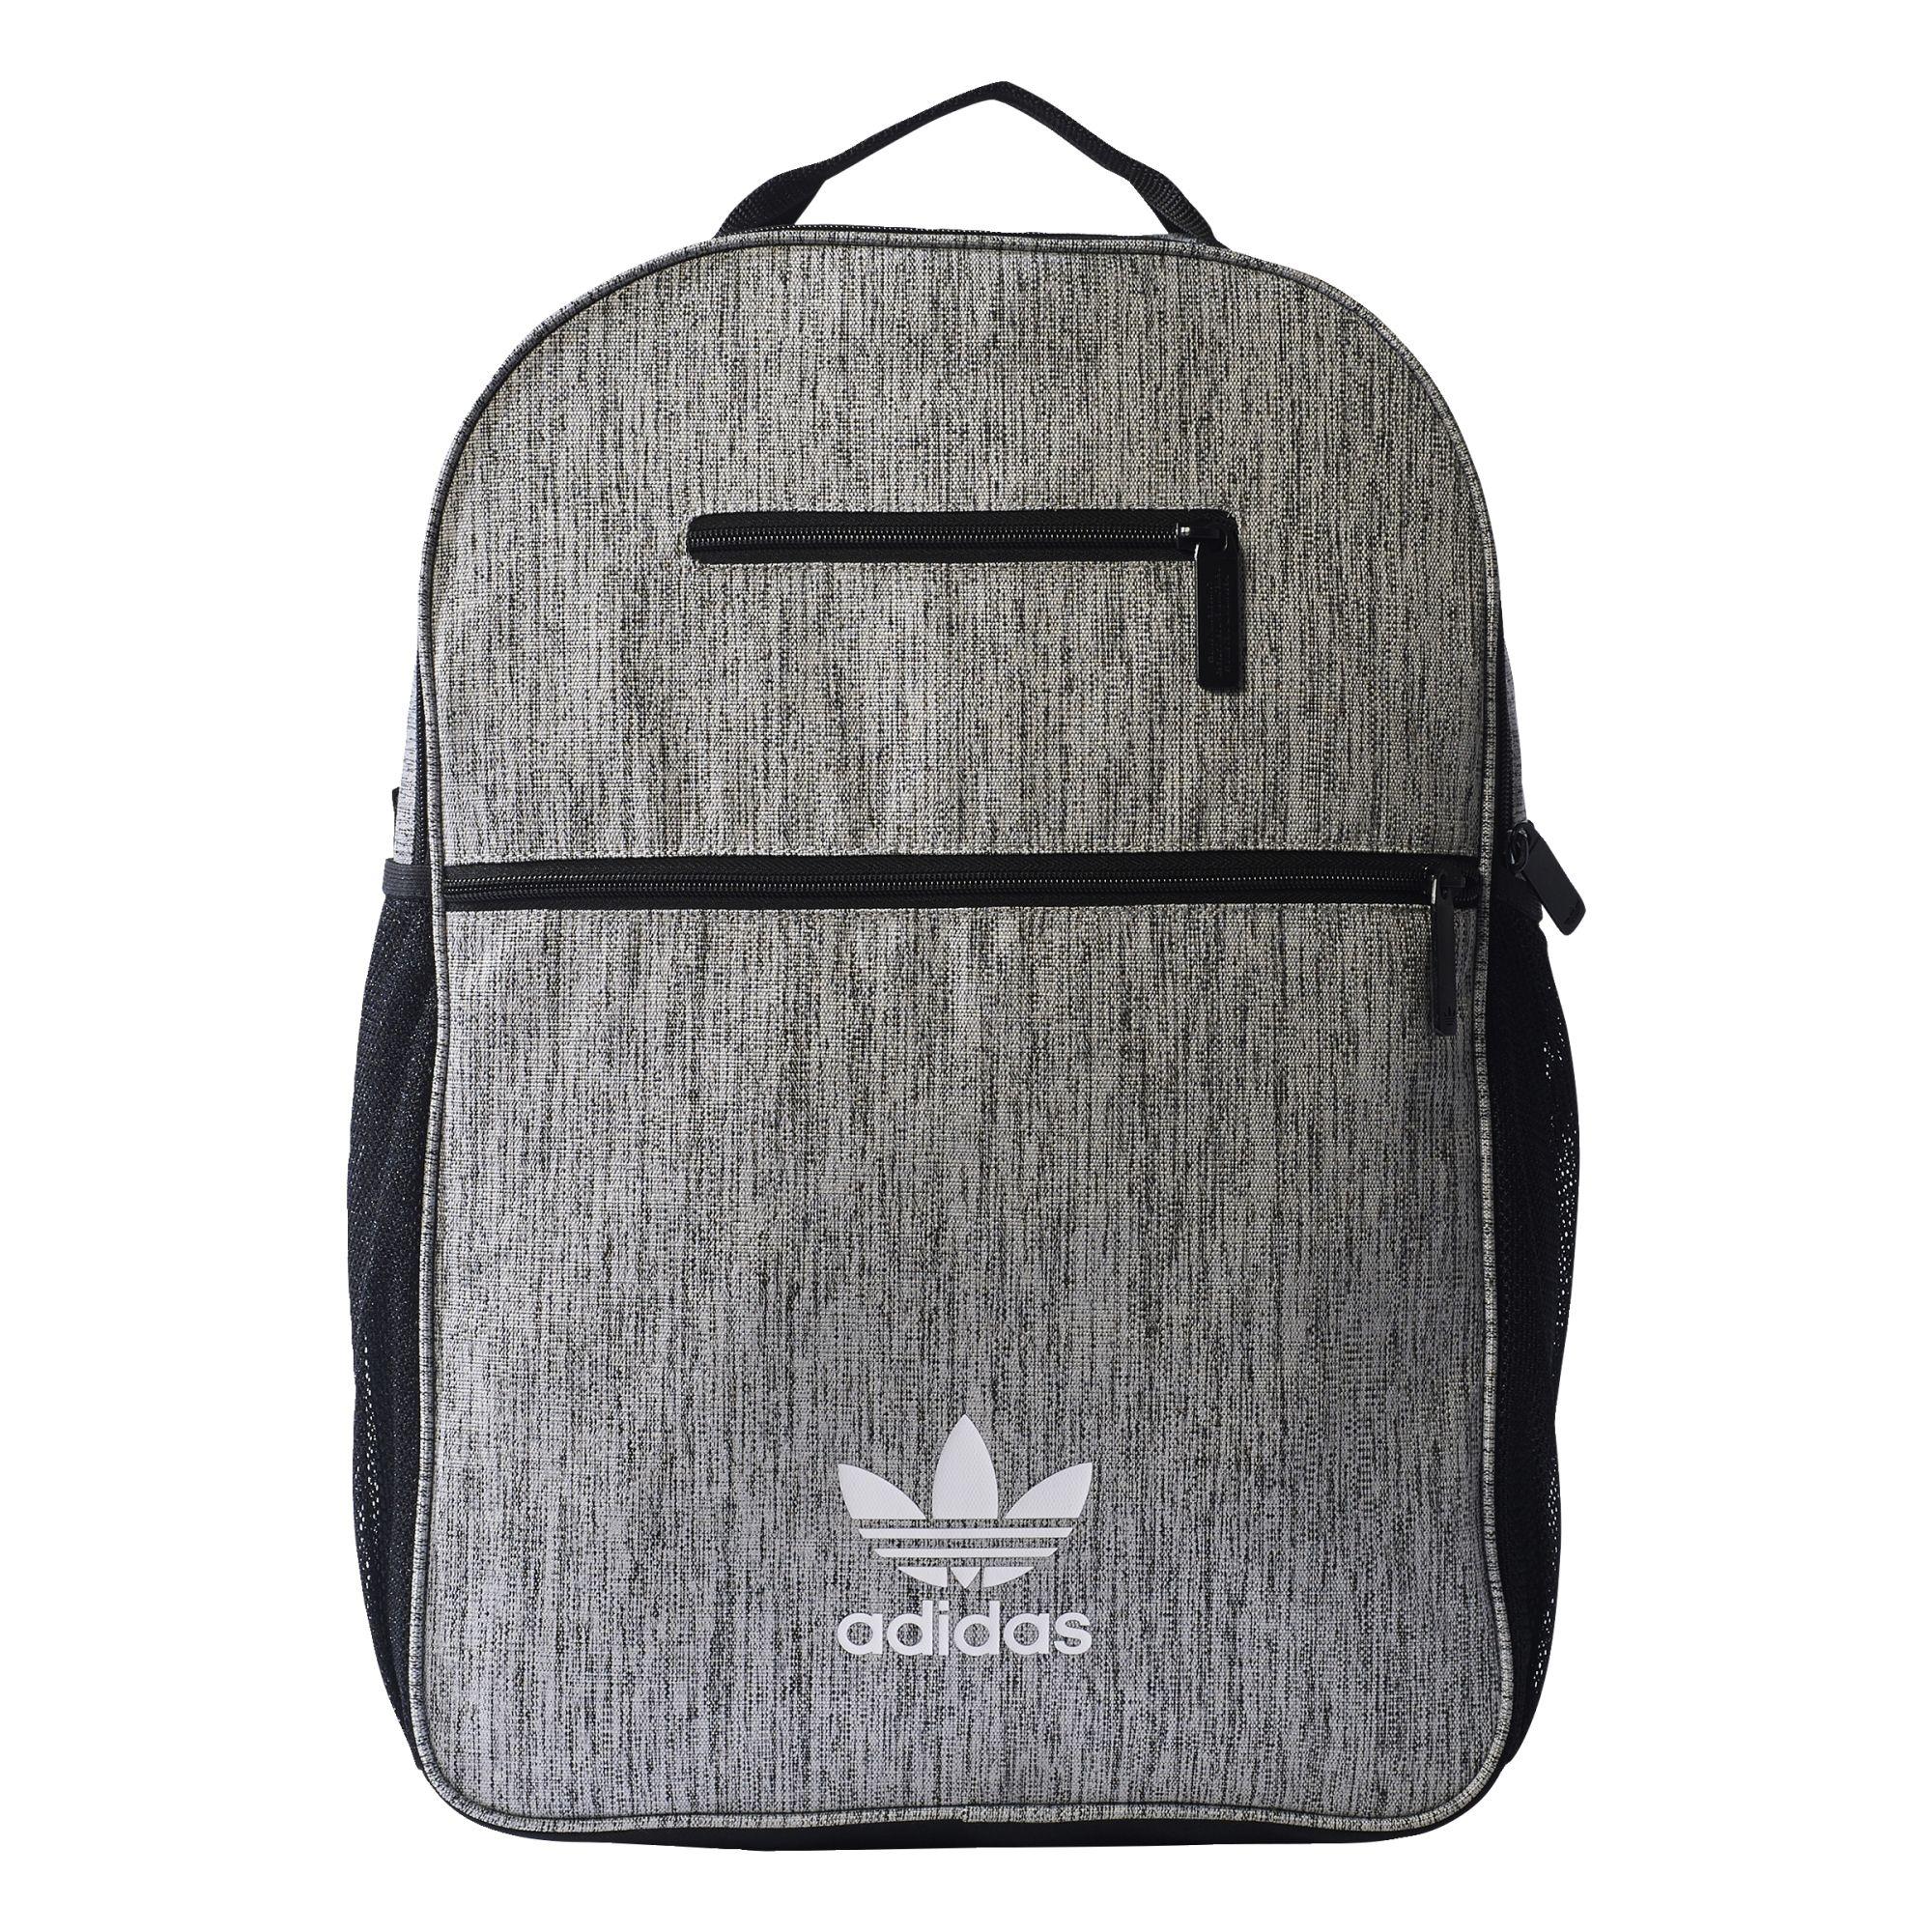 ADIDAS ORIGINALS adidas Originals Tagesrucksack »Essential Casual«